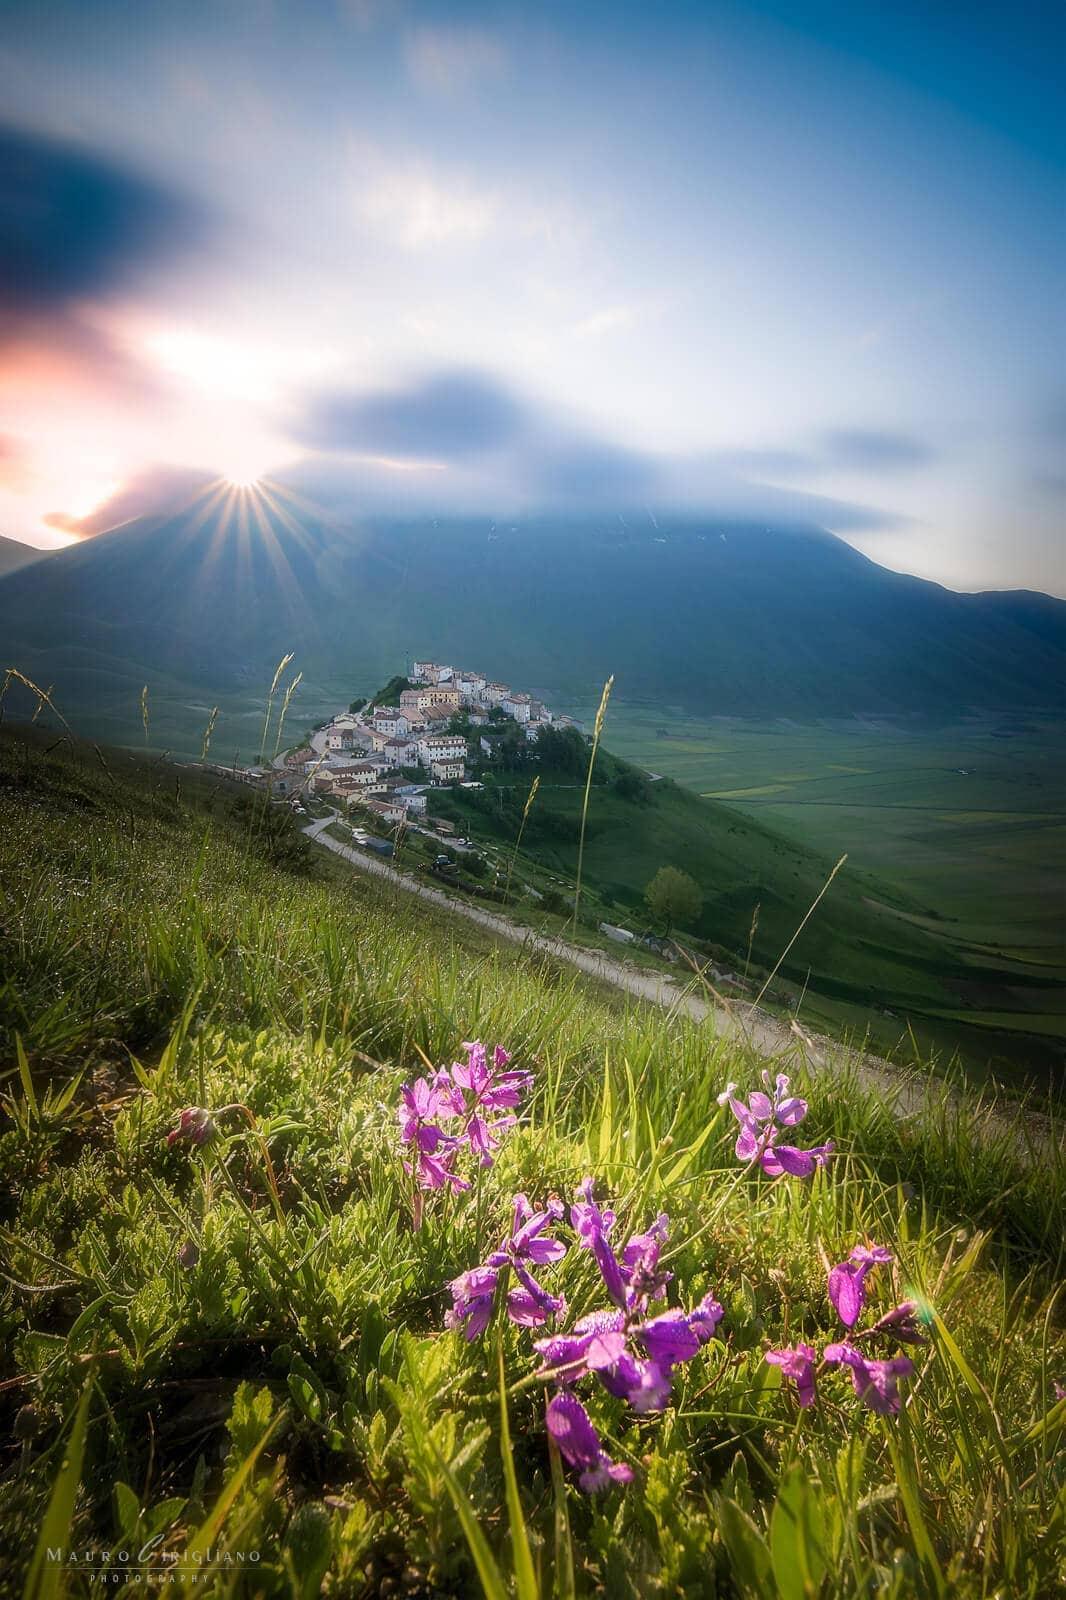 fiori con castelluccio e alba su sfondo